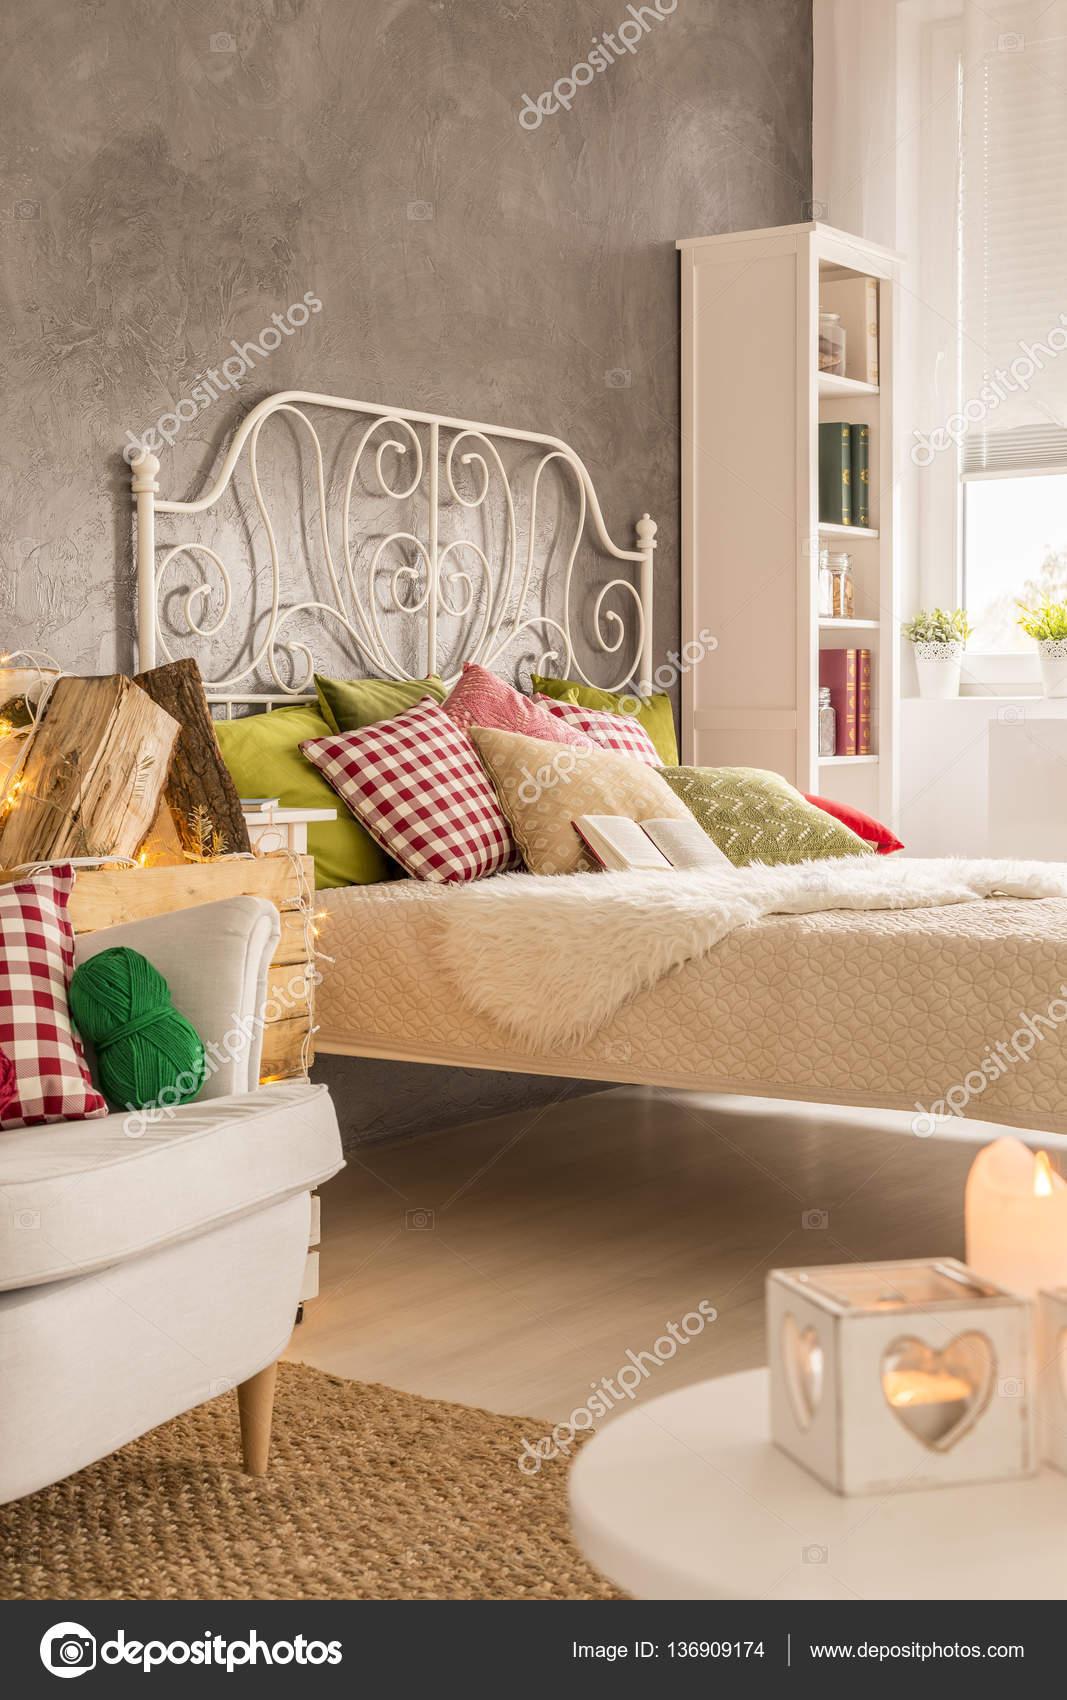 Schlafzimmer Mit Weißen Möbeln U2014 Stockfoto